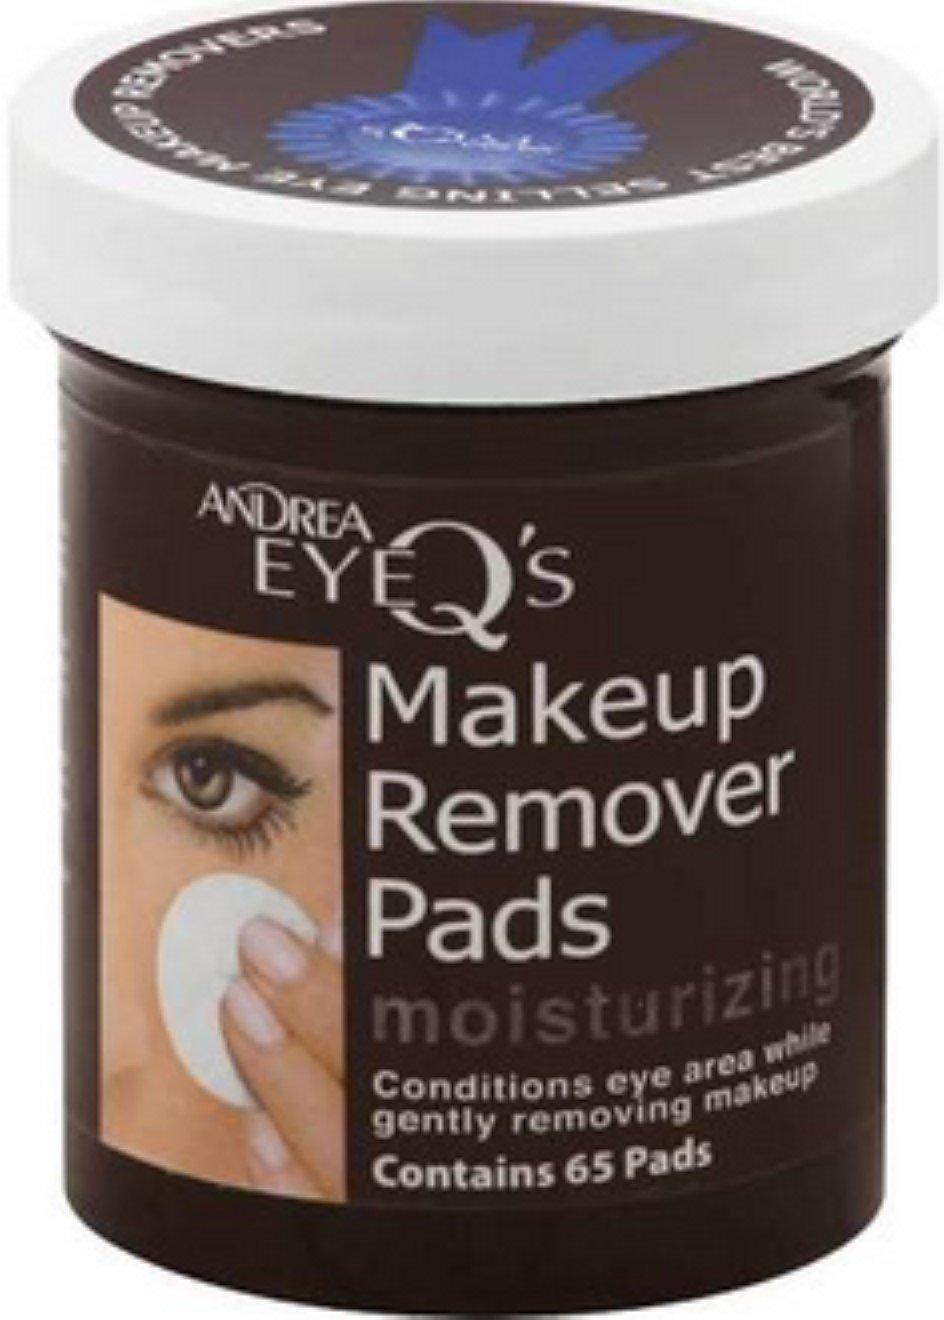 Andrea Eye Q's Eye Make Up Remover, Eye Q's Moisturizing, 65 pads Eye Q' s Moisturizing A.I.I.145656